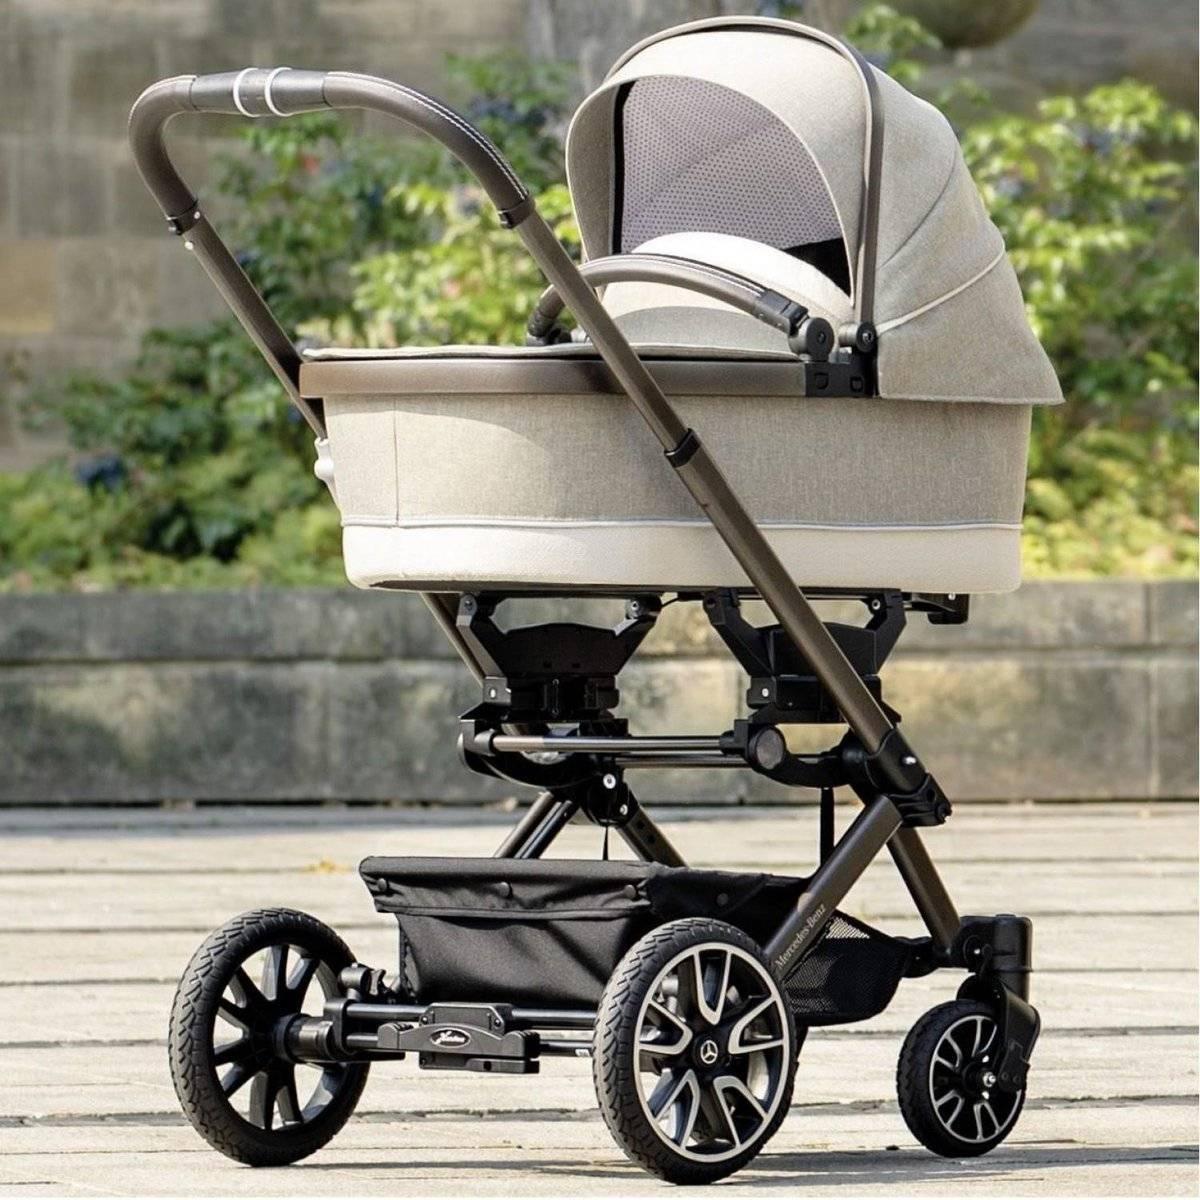 Самые дорогие коляски: детский транспорт по цене взрослого